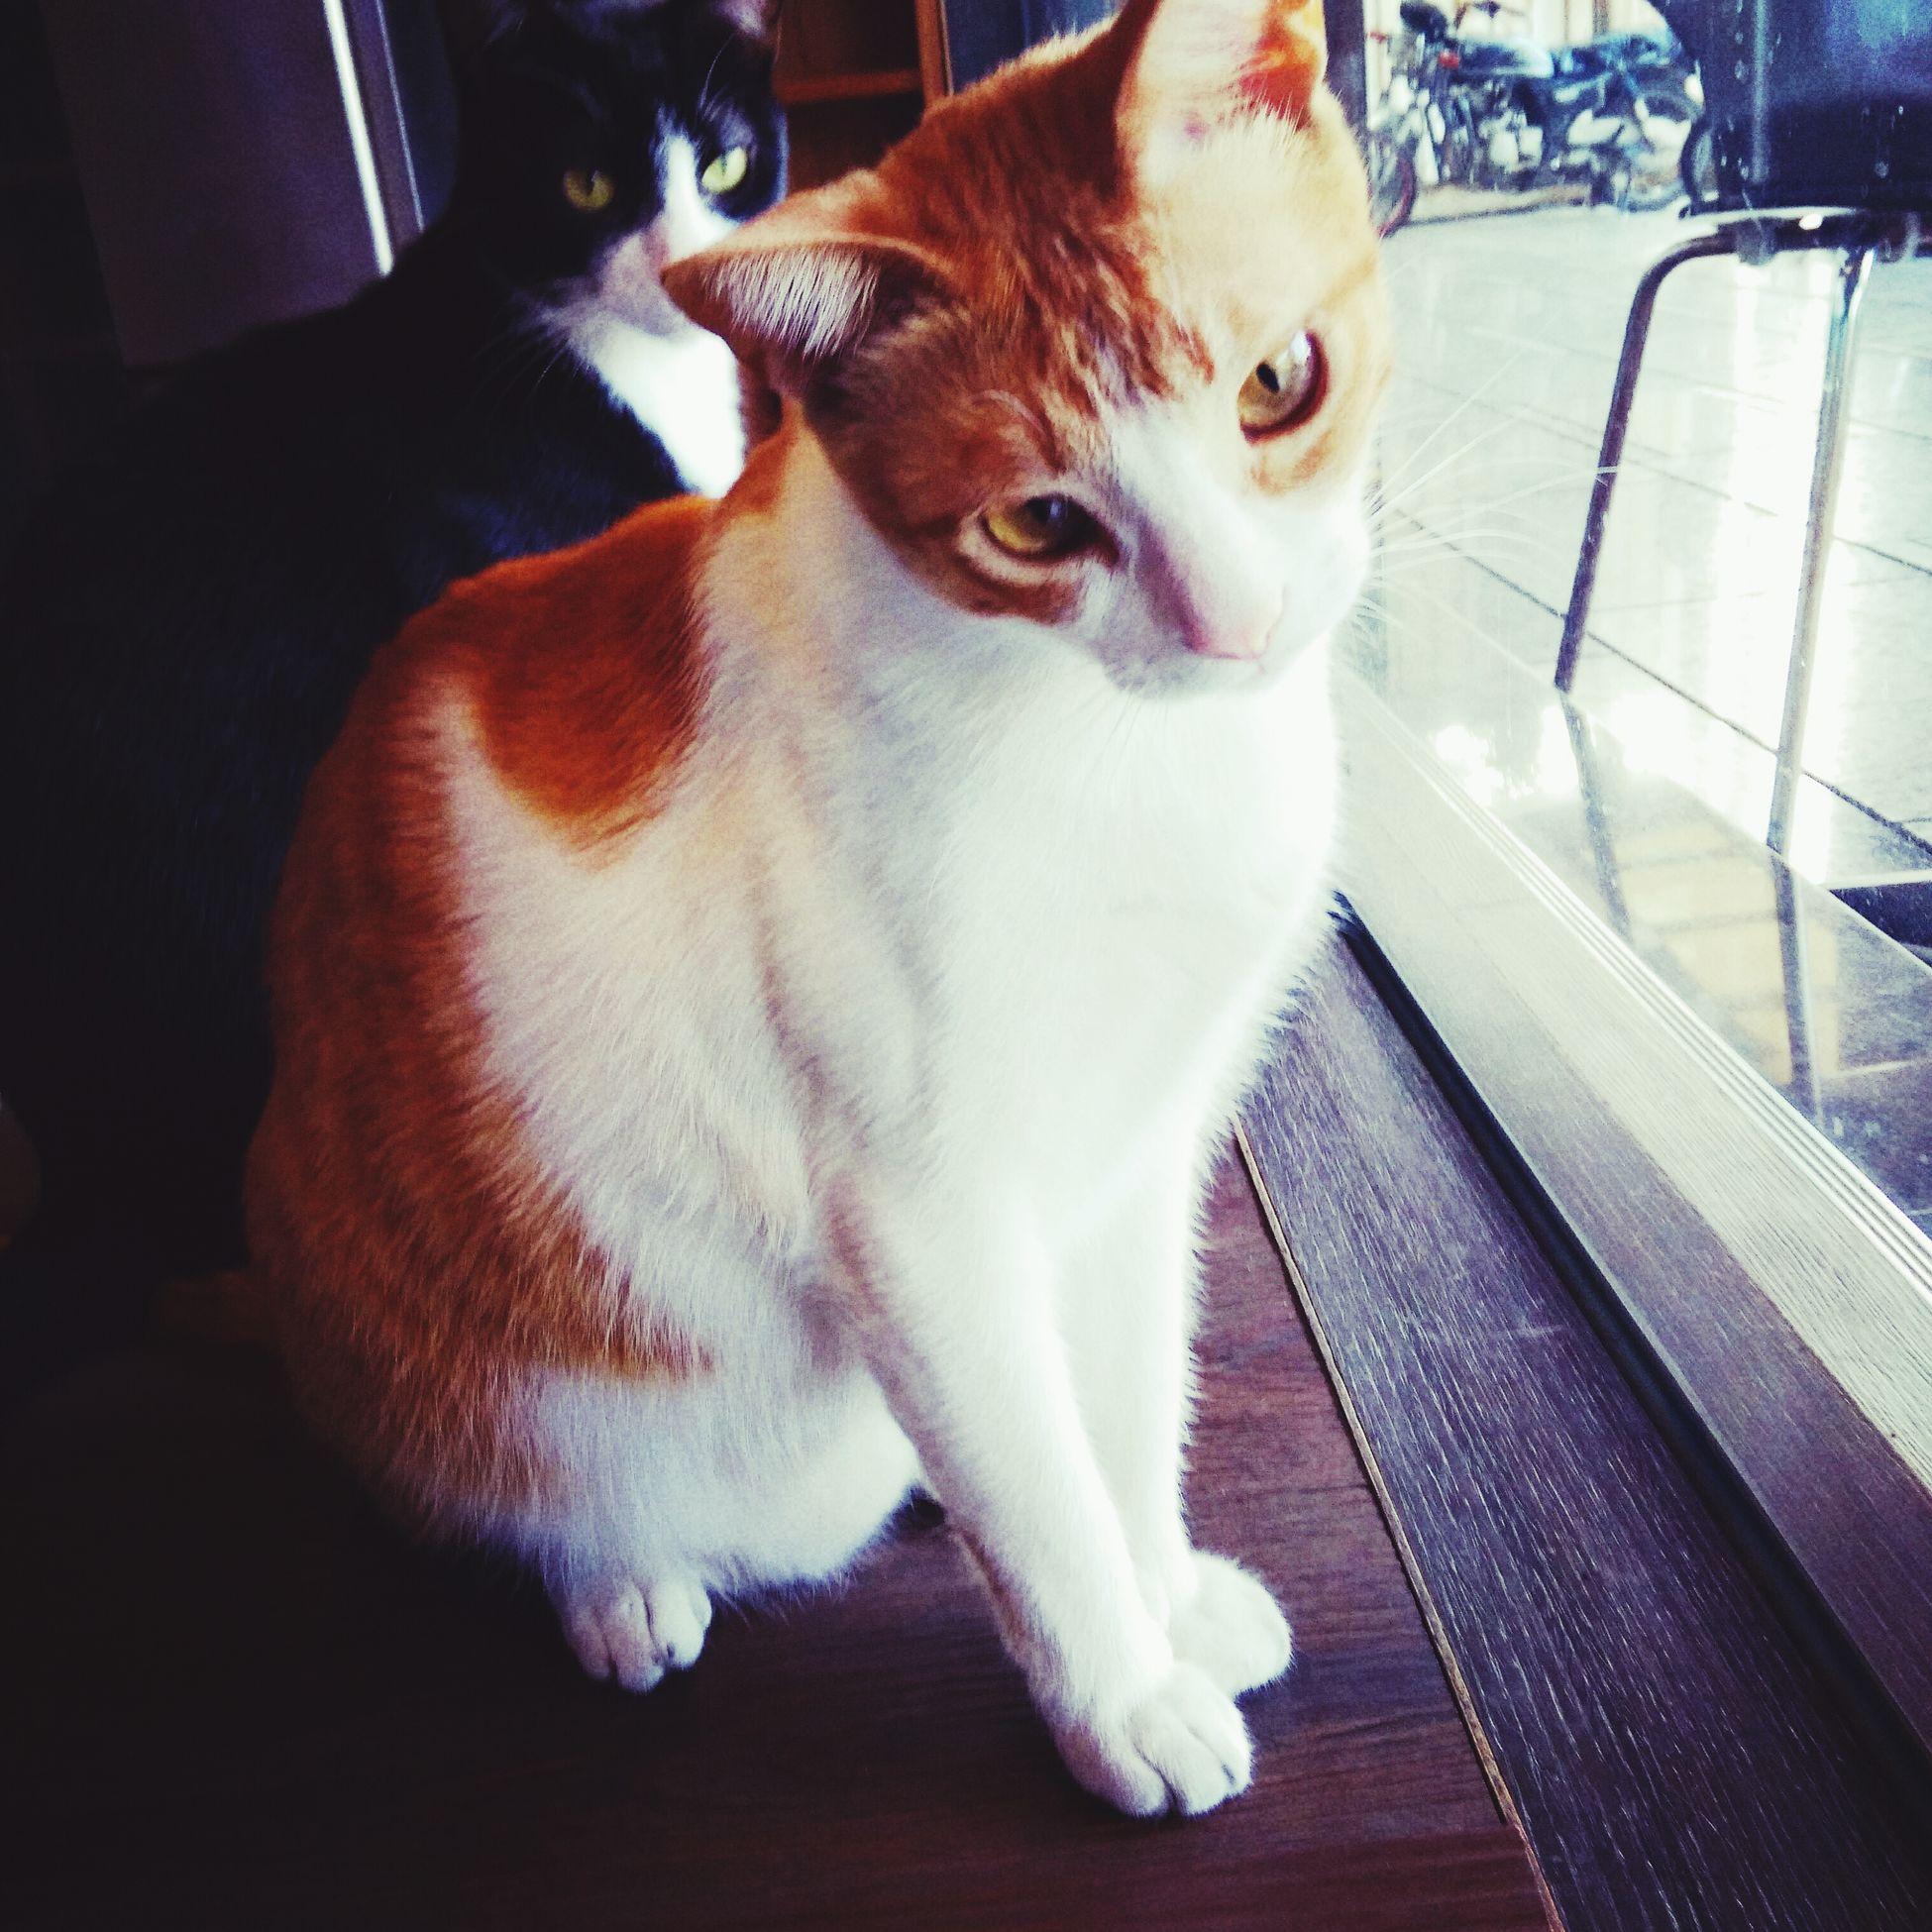 Hi Q guy!! Cat